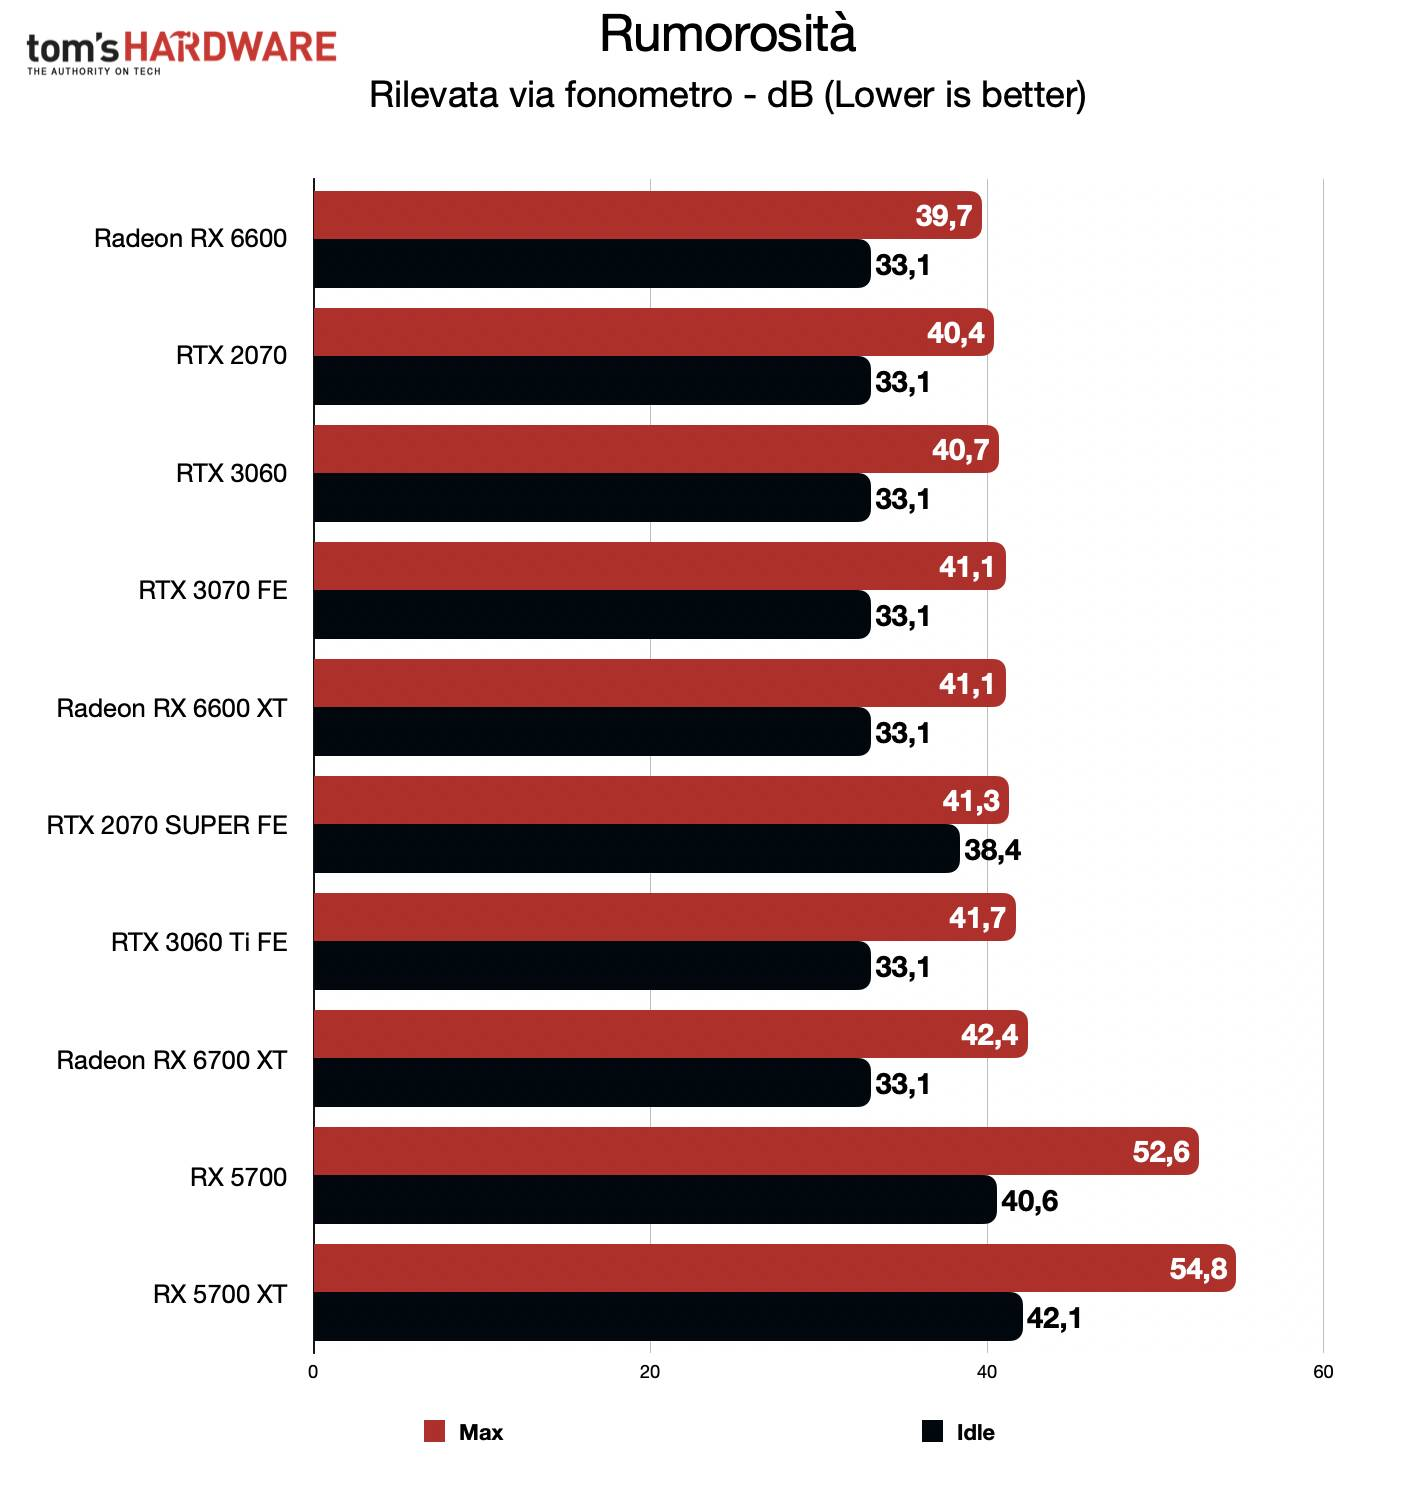 Benchmark Radeon RX 6600 - Rumorosità